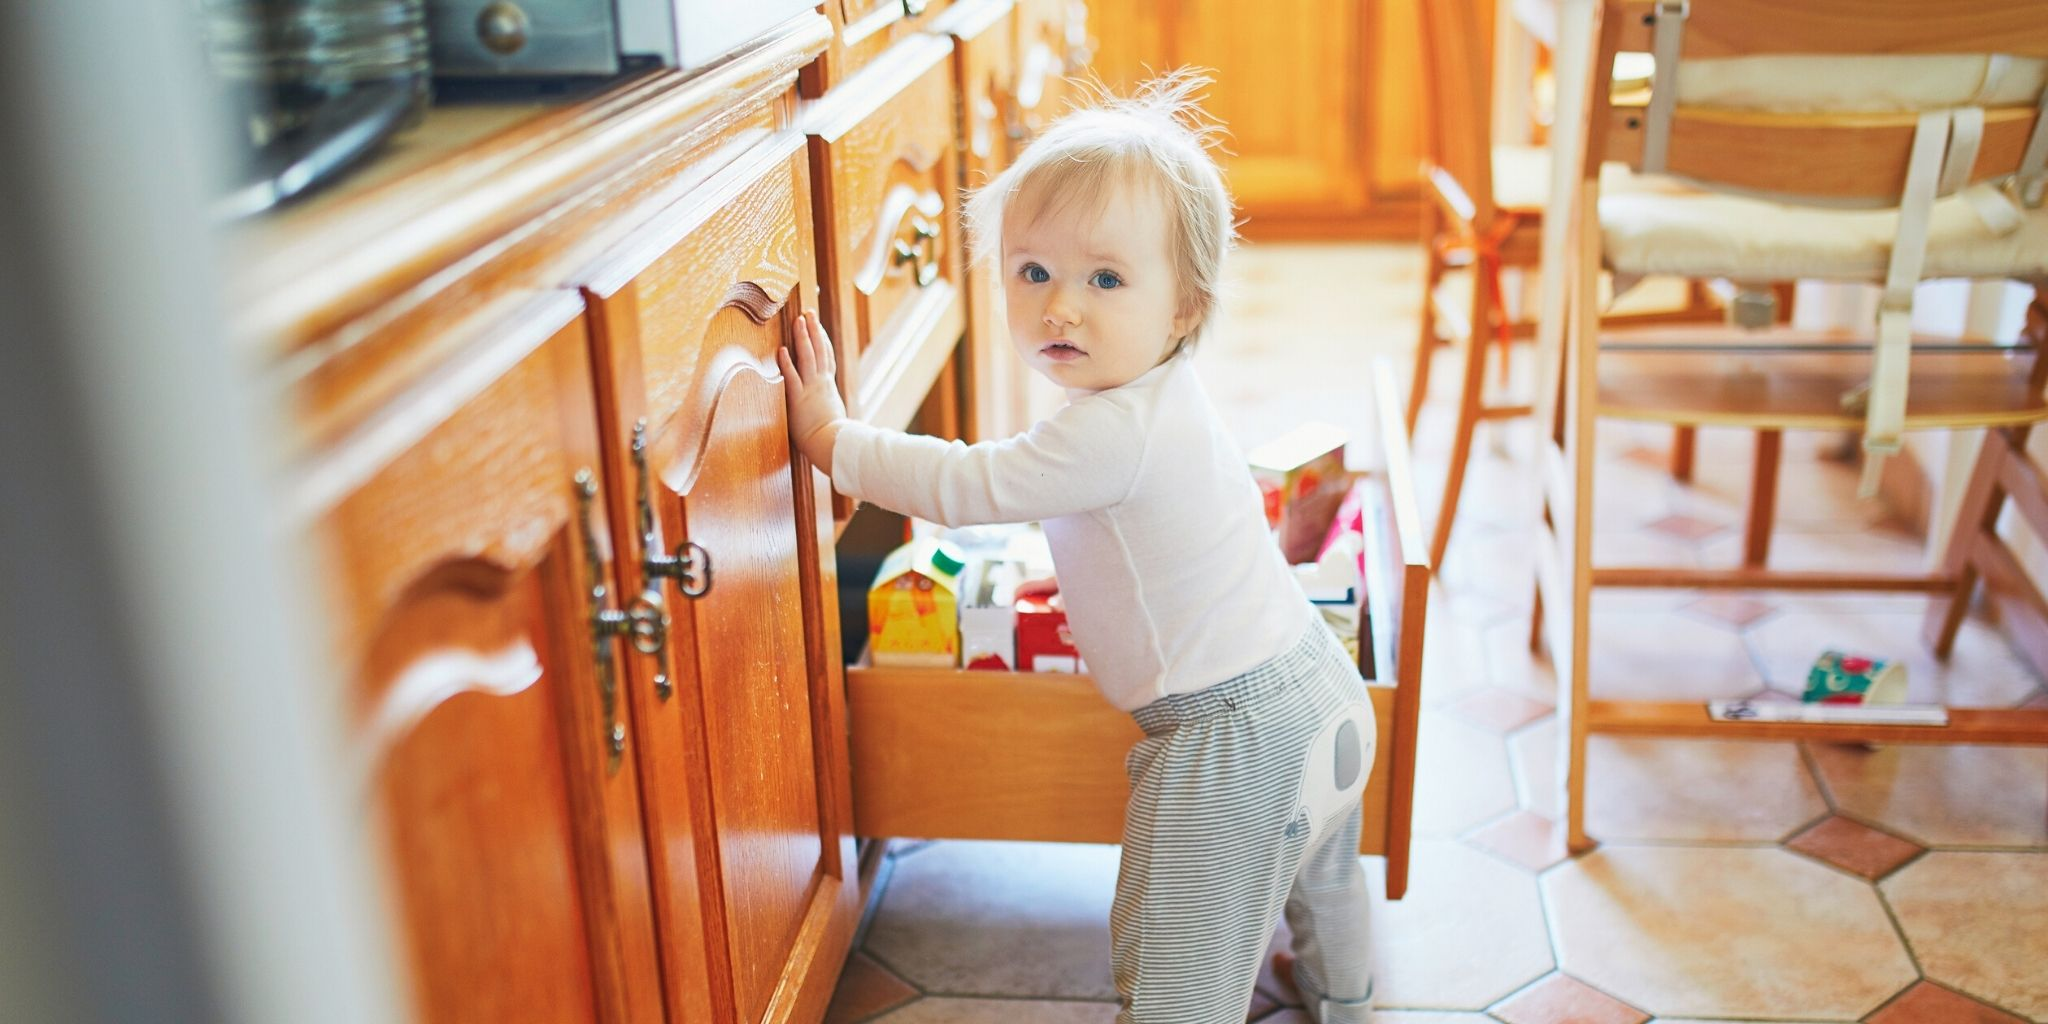 Lapsiturvallinen koti: näin pidät lapsesi turvassa